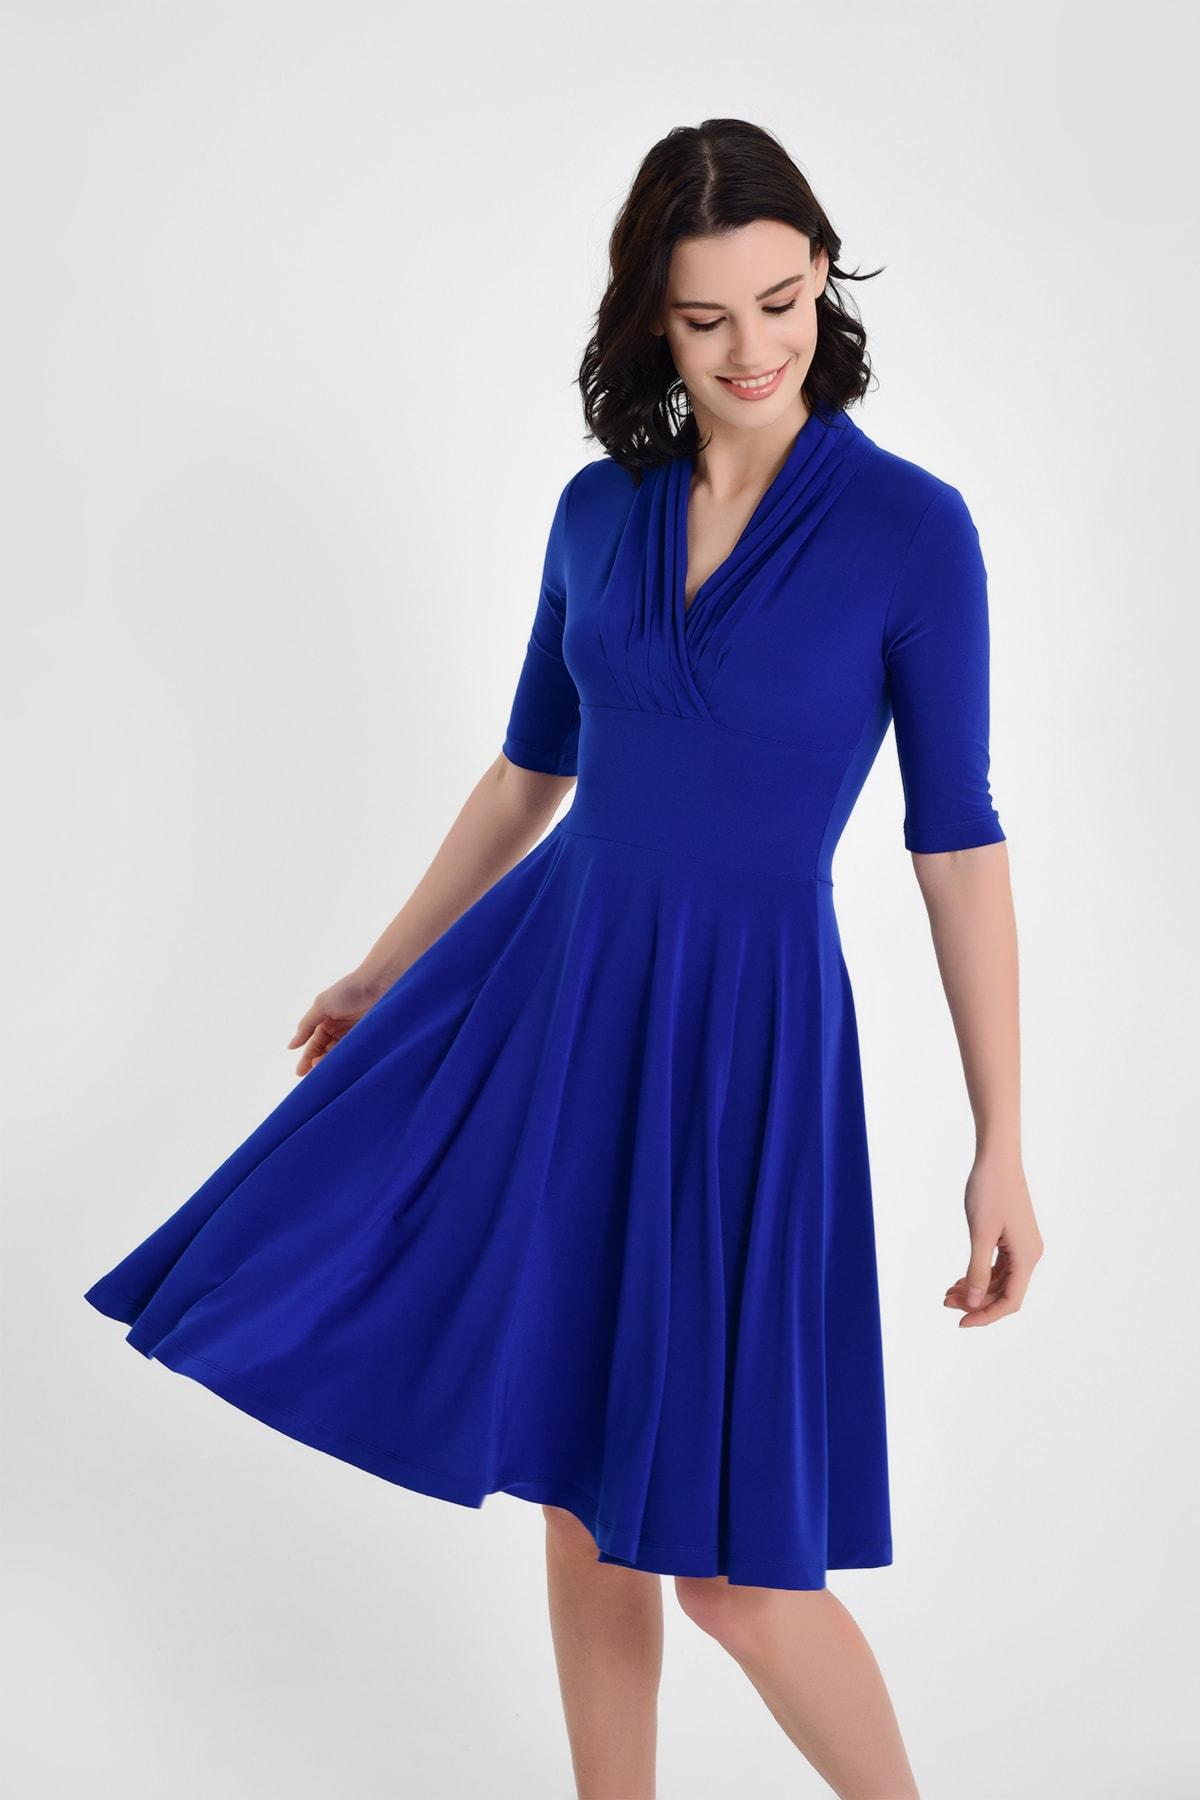 Laranor Kadın Sax Mavi Yaka Detay Hareketli Etek Elbise 1